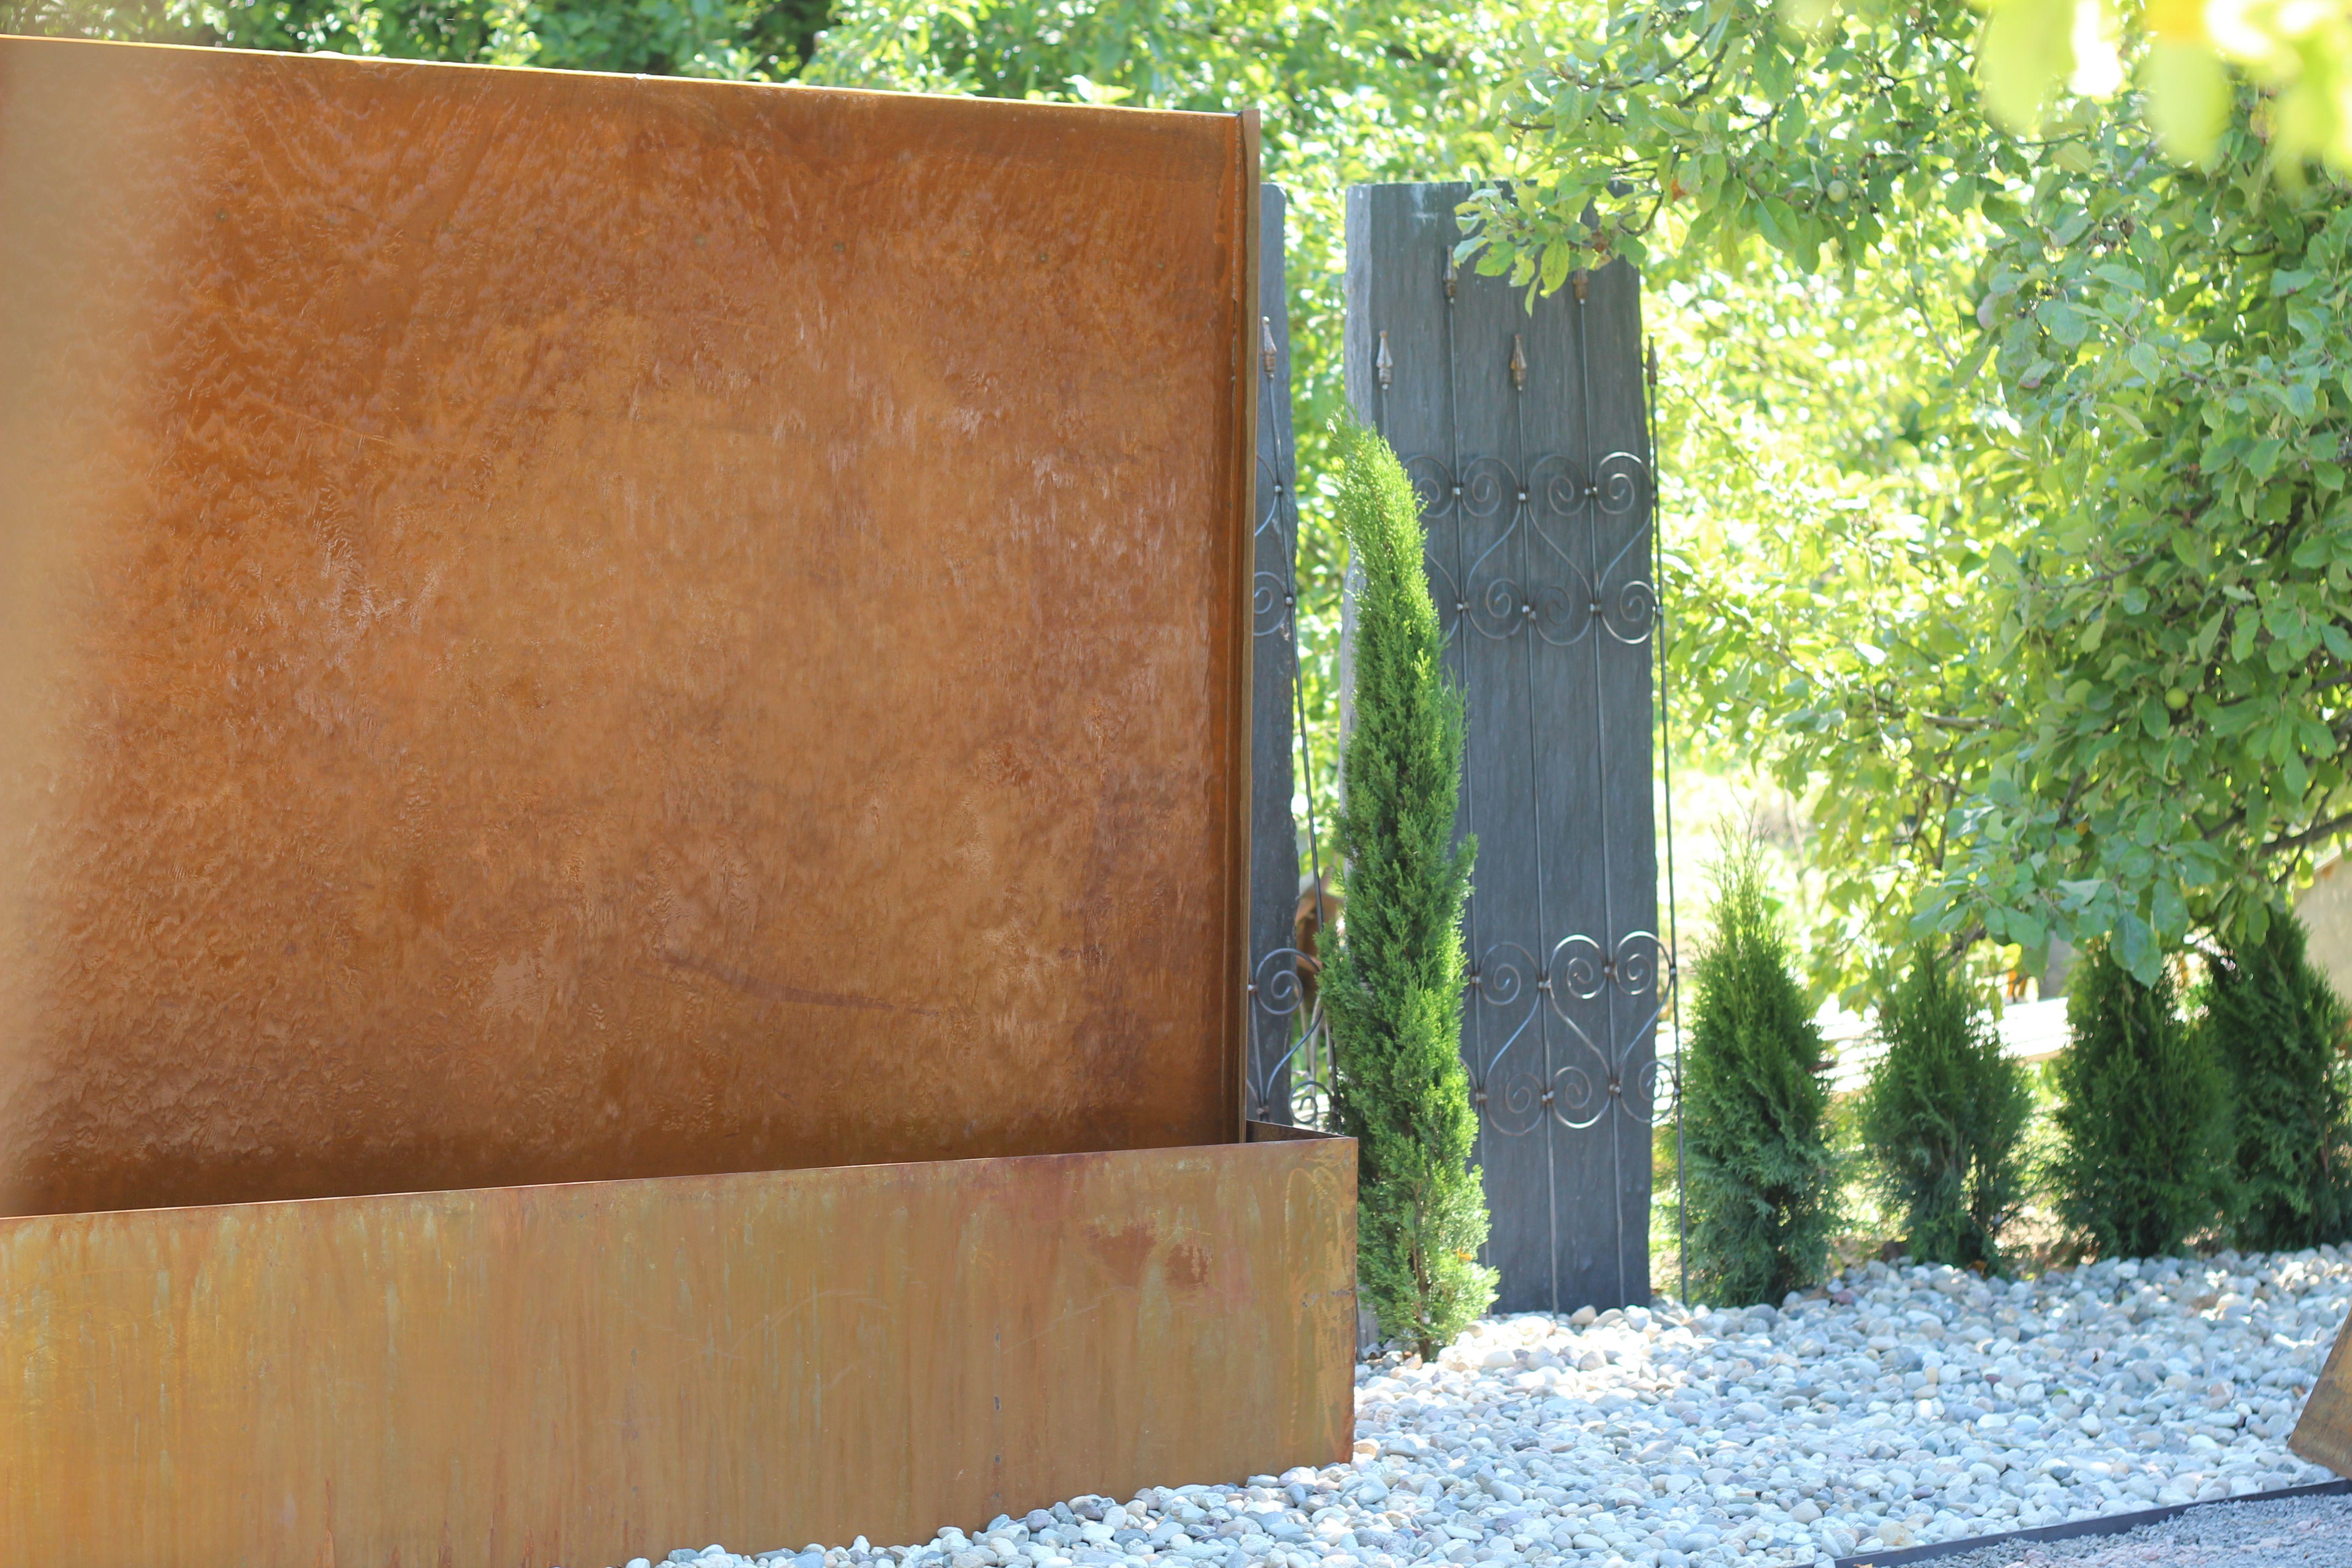 Gigant Wasserwand Cortenstahl Modernes Design Wasser Im Garten Brunnenschmiede De Garten Design Wasserwand Wasser Im Garten